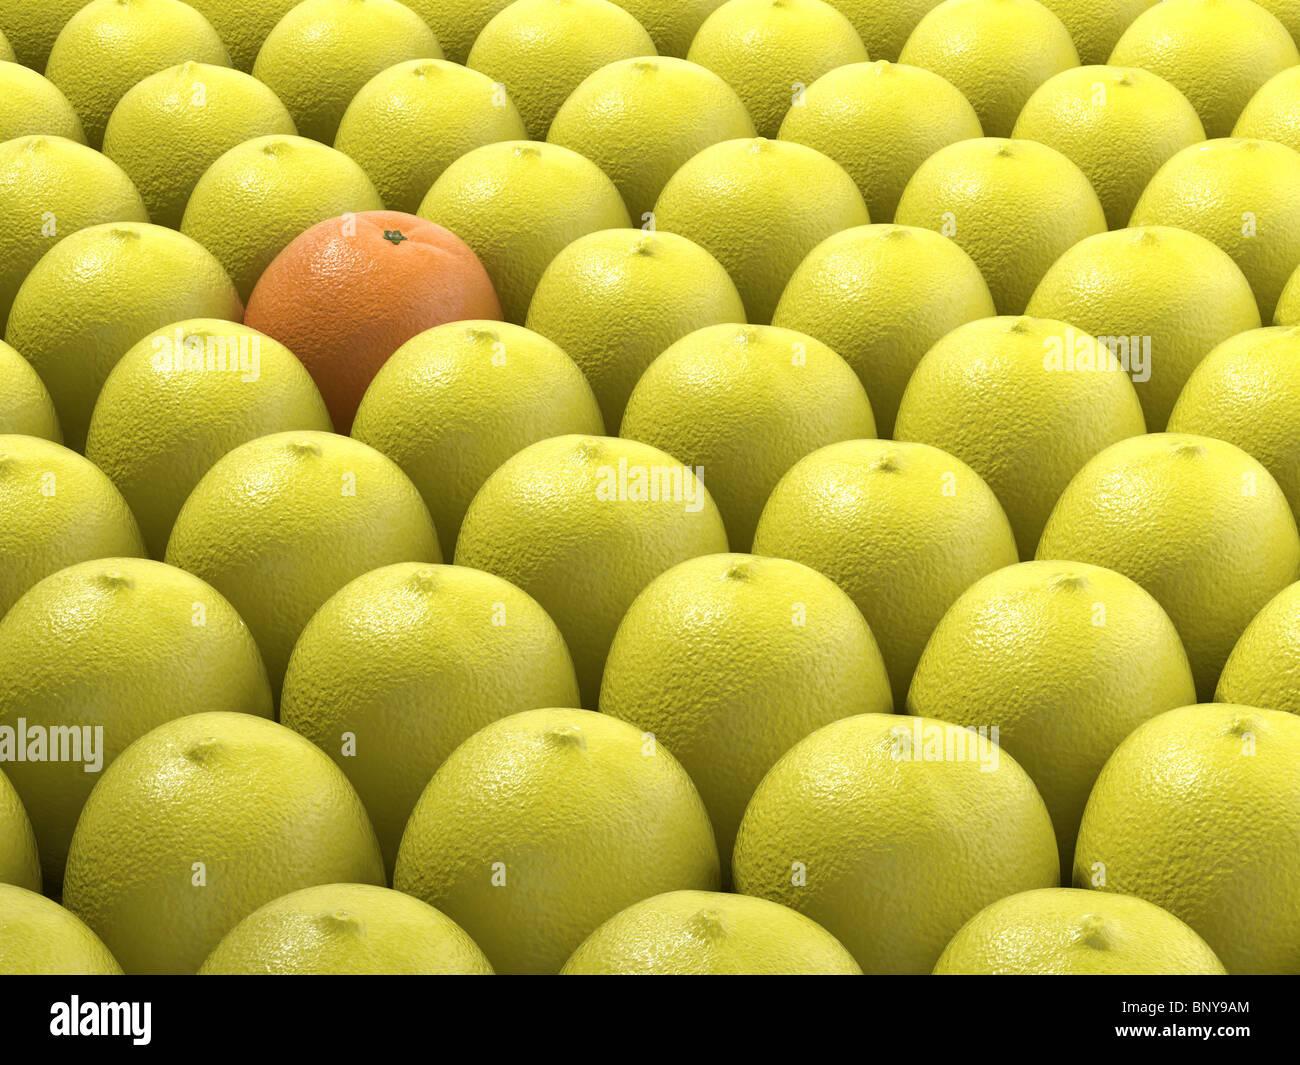 einzigartige Orange unter vielen Zitronen als Konzept für die Differenzierung Stockbild